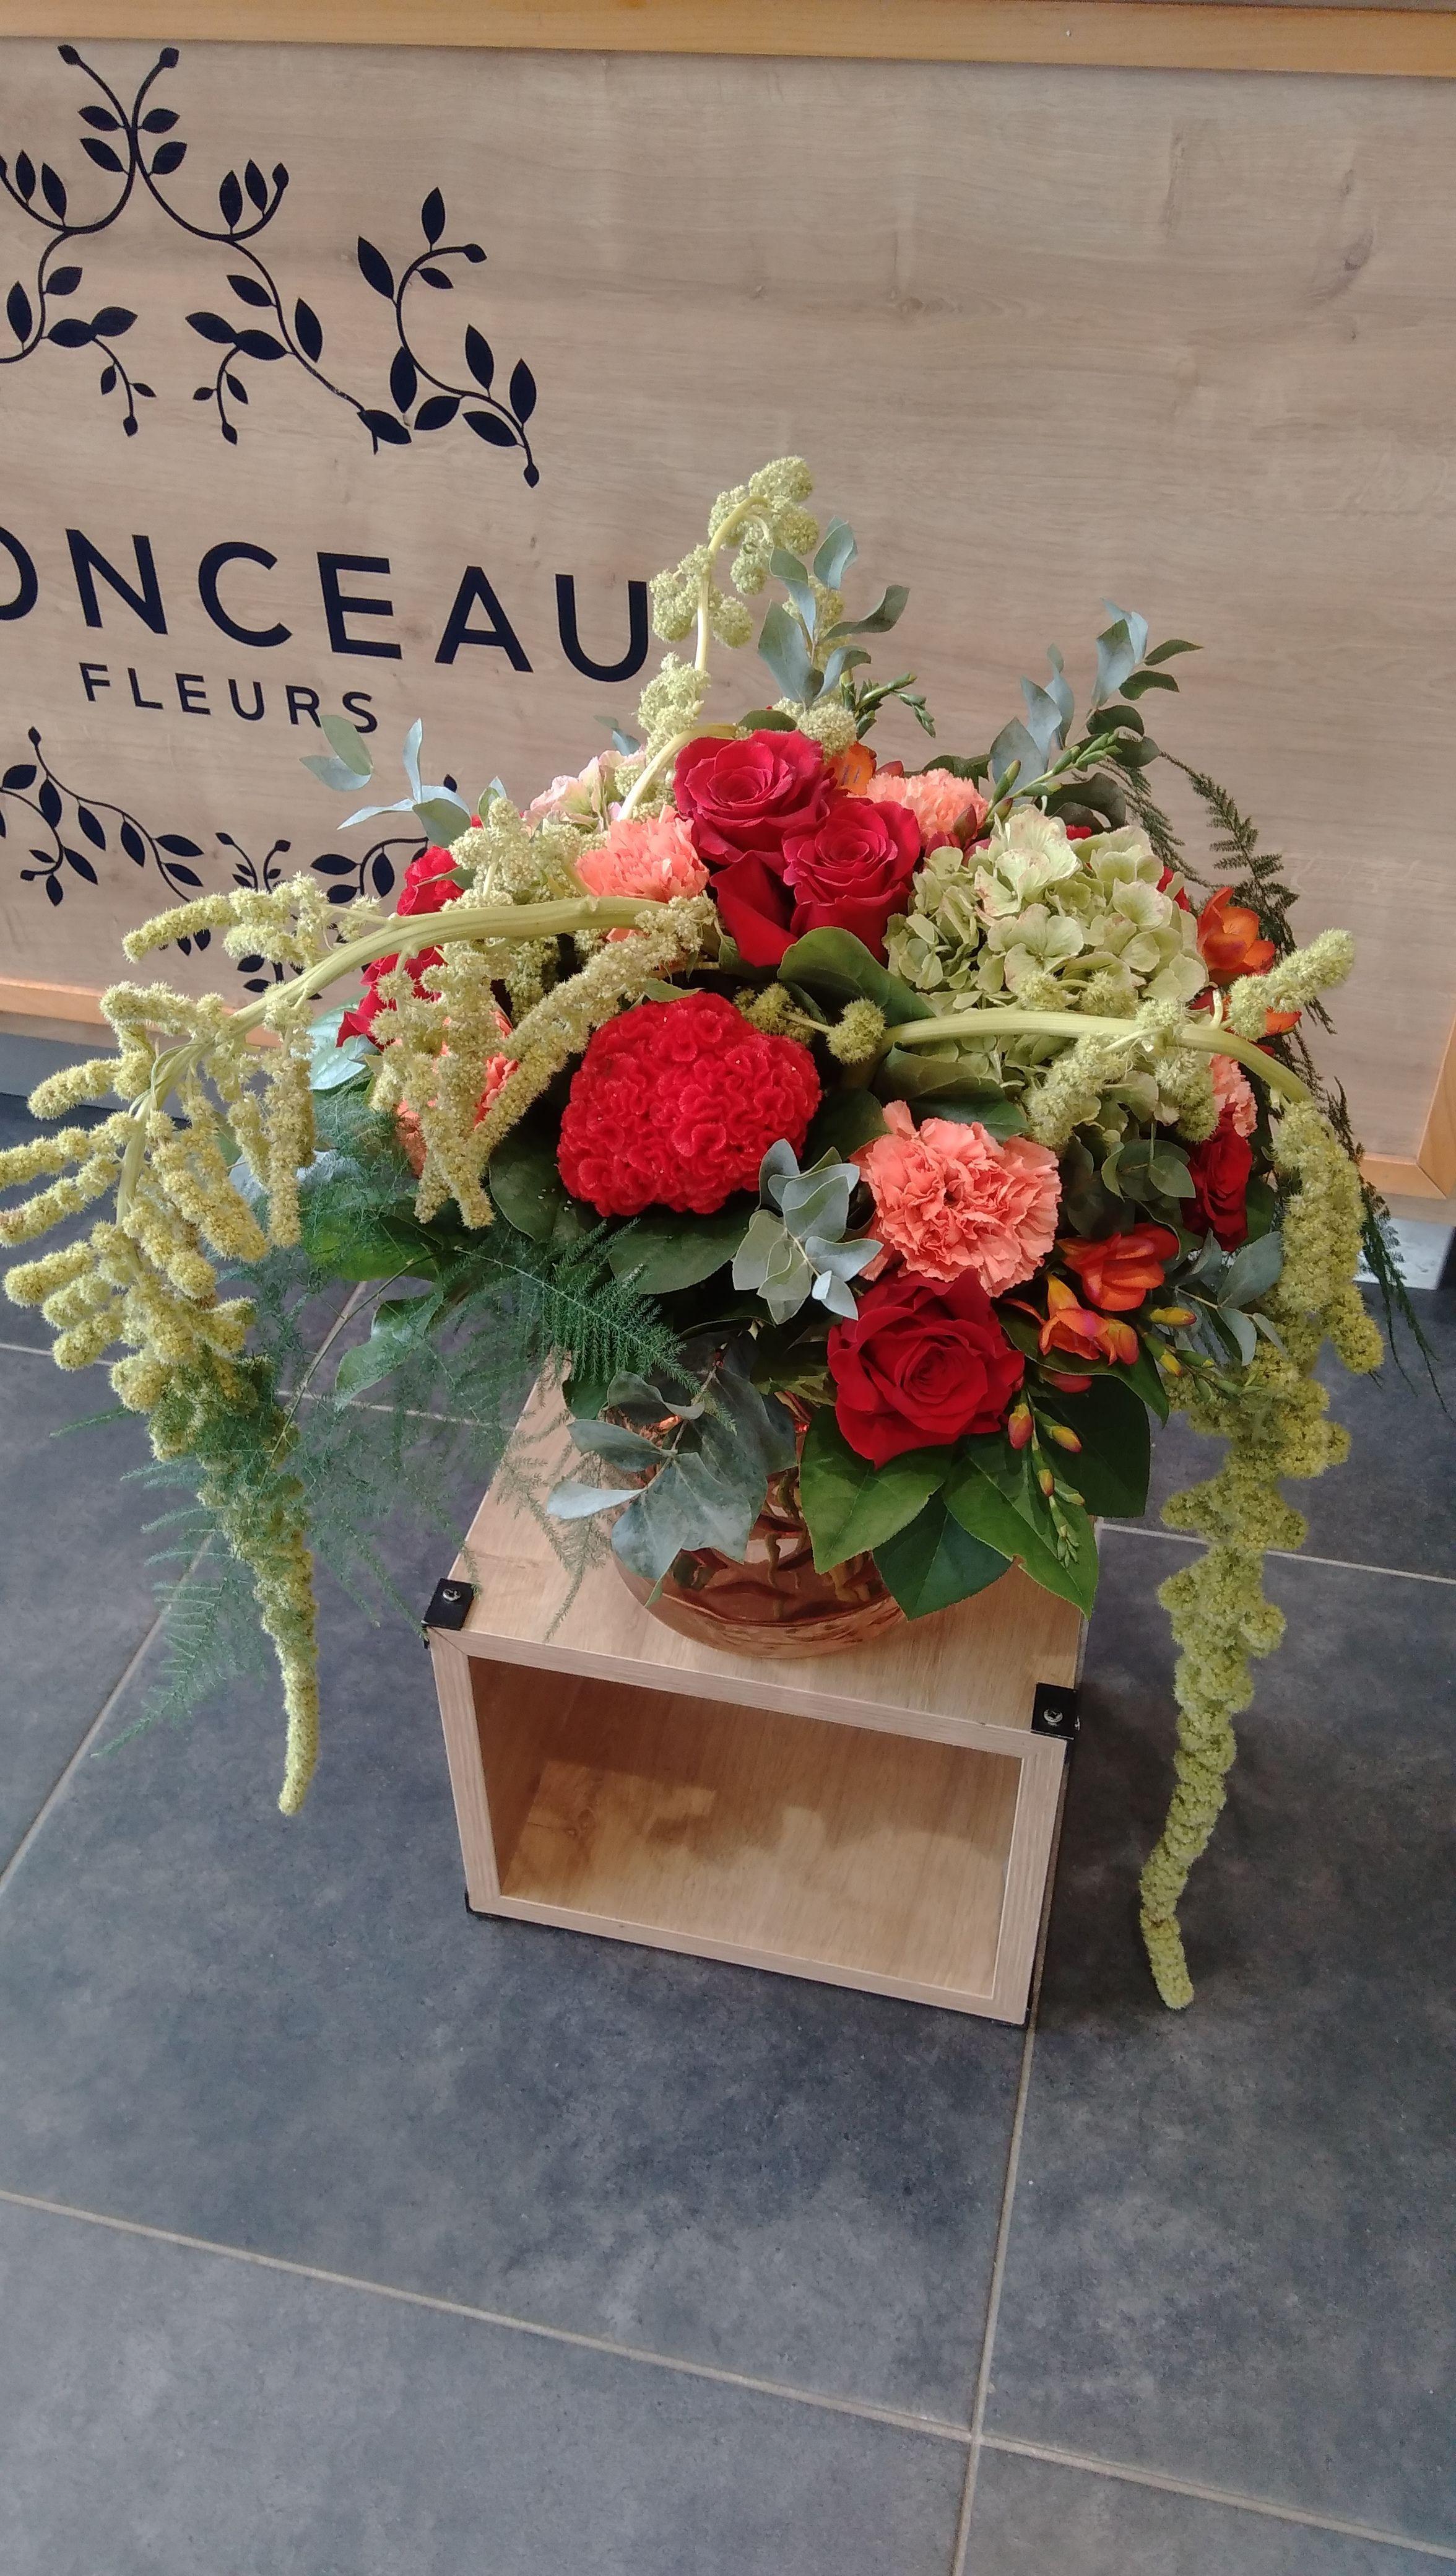 Bouquet décoratif rond automne par DK .OCTOBRE 2019. #octobreautomne Bouquet décoratif rond automne par DK .OCTOBRE 2019. #octobreautomne